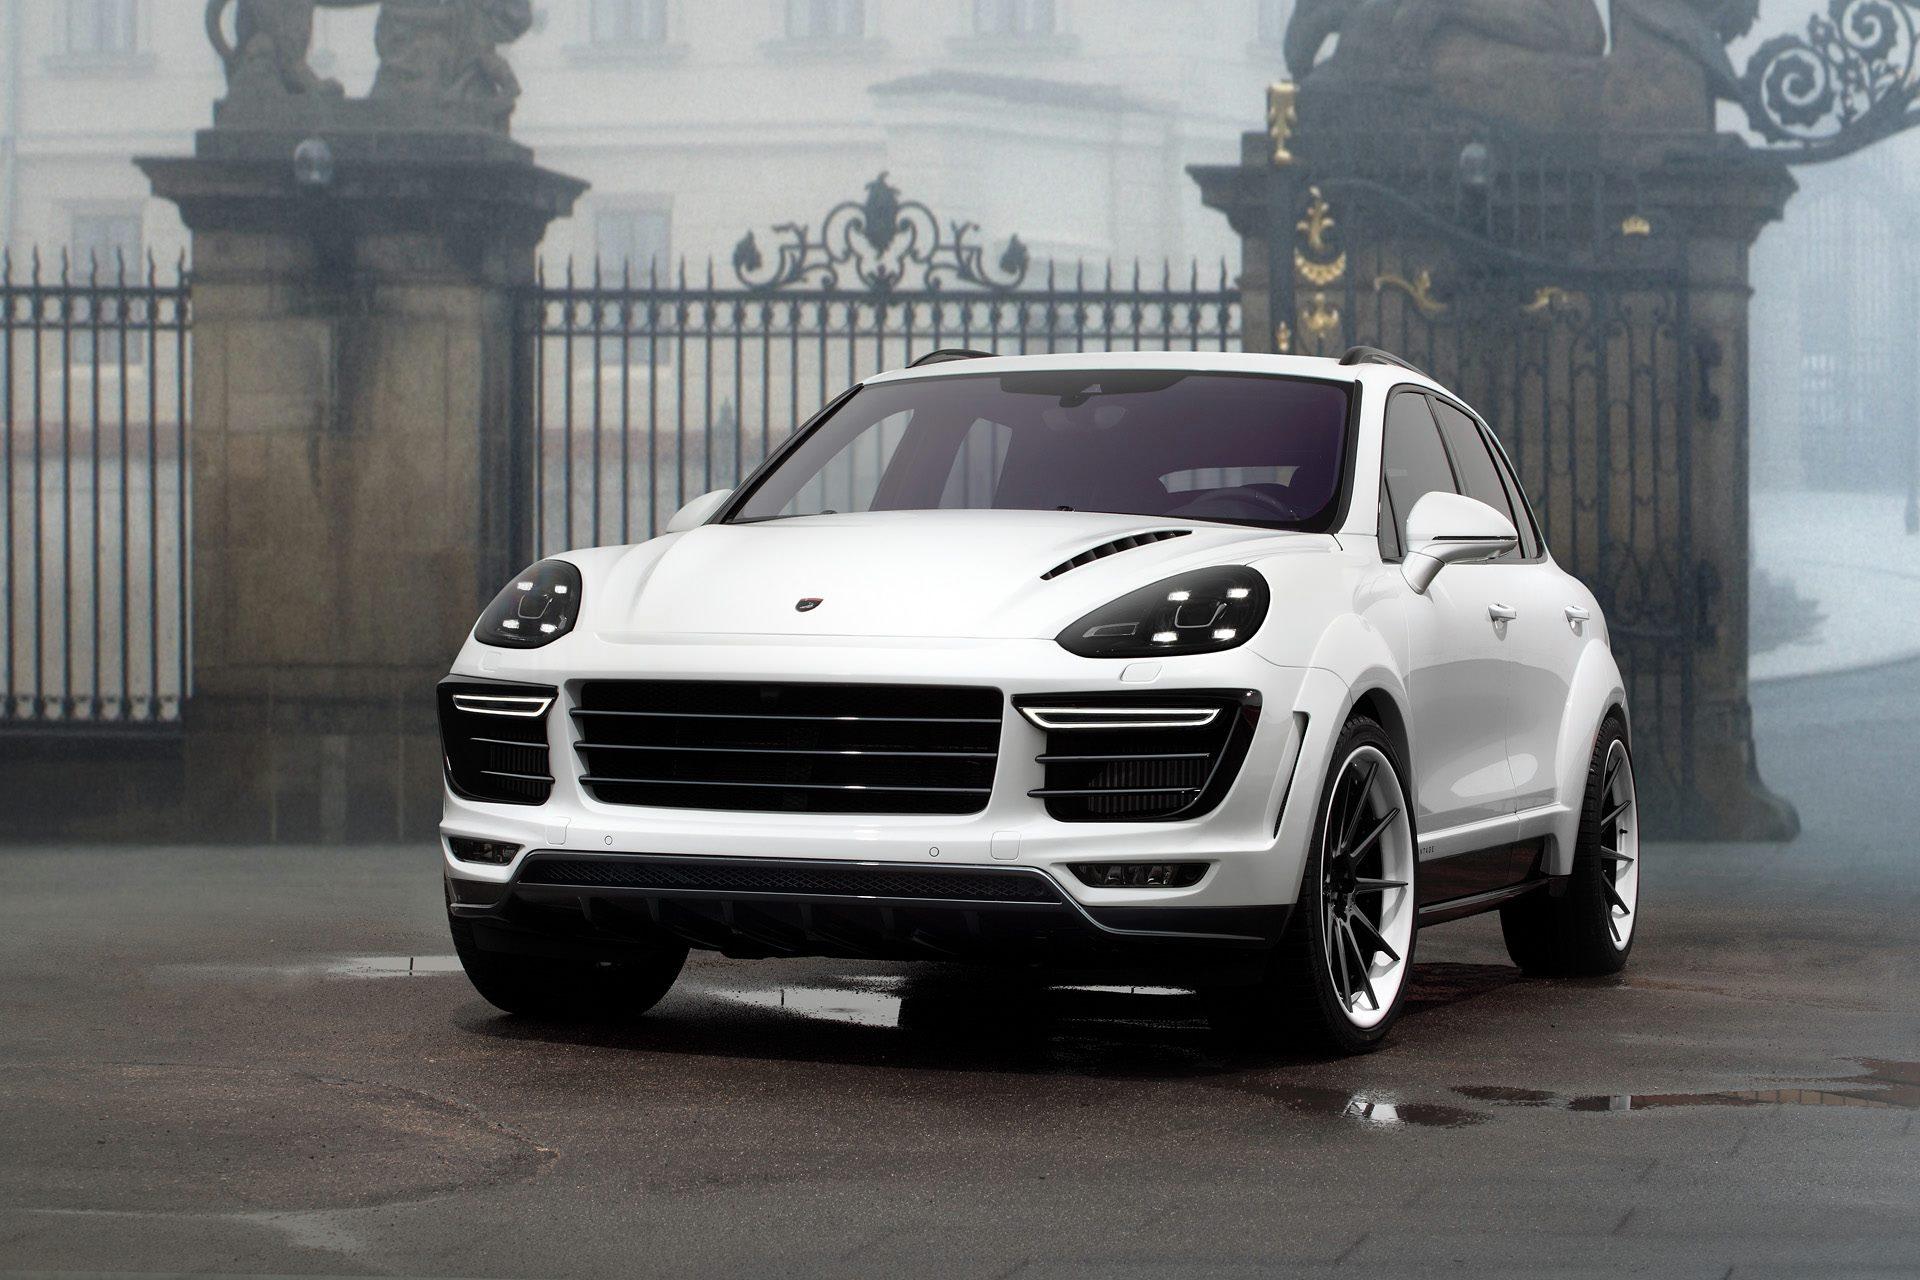 White Porsche Cayenne Vantage By Topcar Is Not An Aston